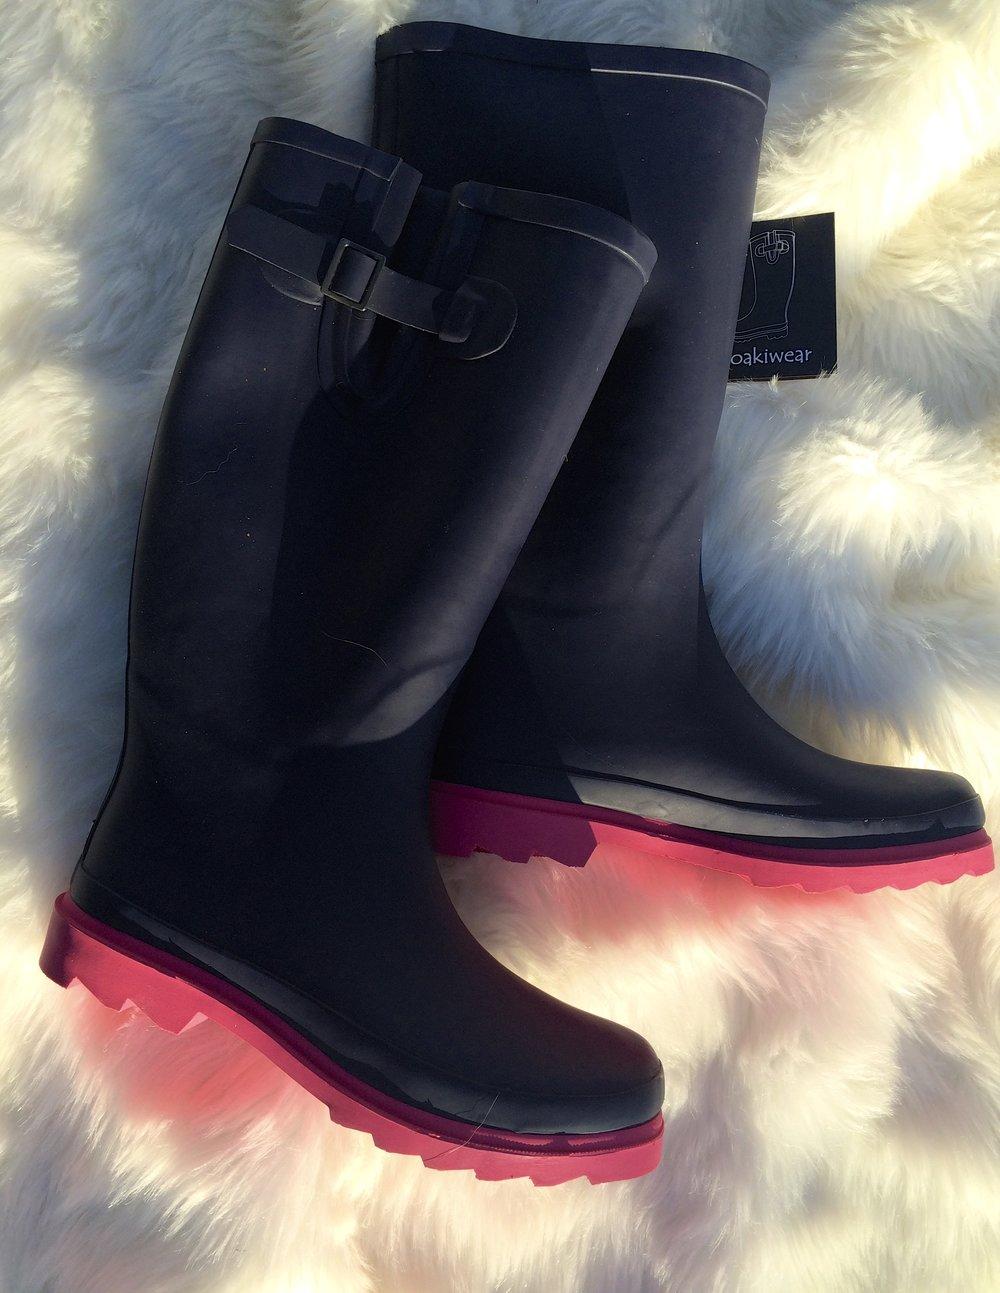 Oakiwear Rain Boot Review - whatthegirlssay.com